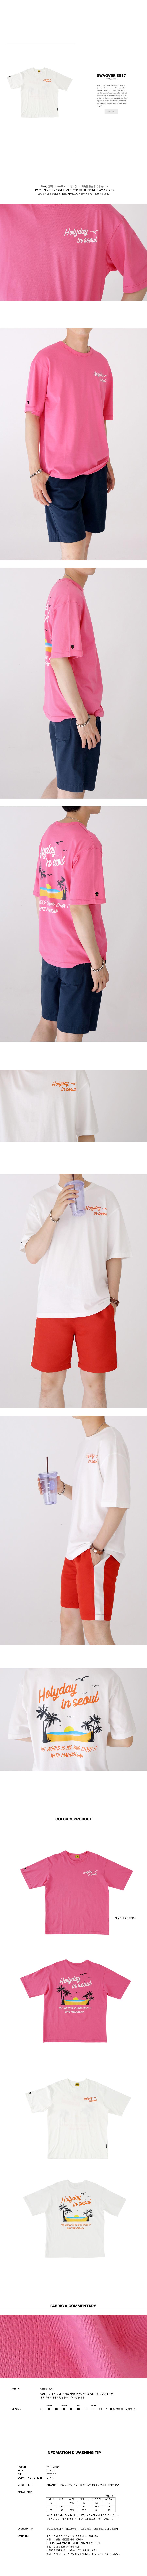 스웩버 3517 홀리데이 오버핏 티셔츠 화이트 - 맥우드건, 16,900원, 스트릿패션, 디자인반팔티셔츠